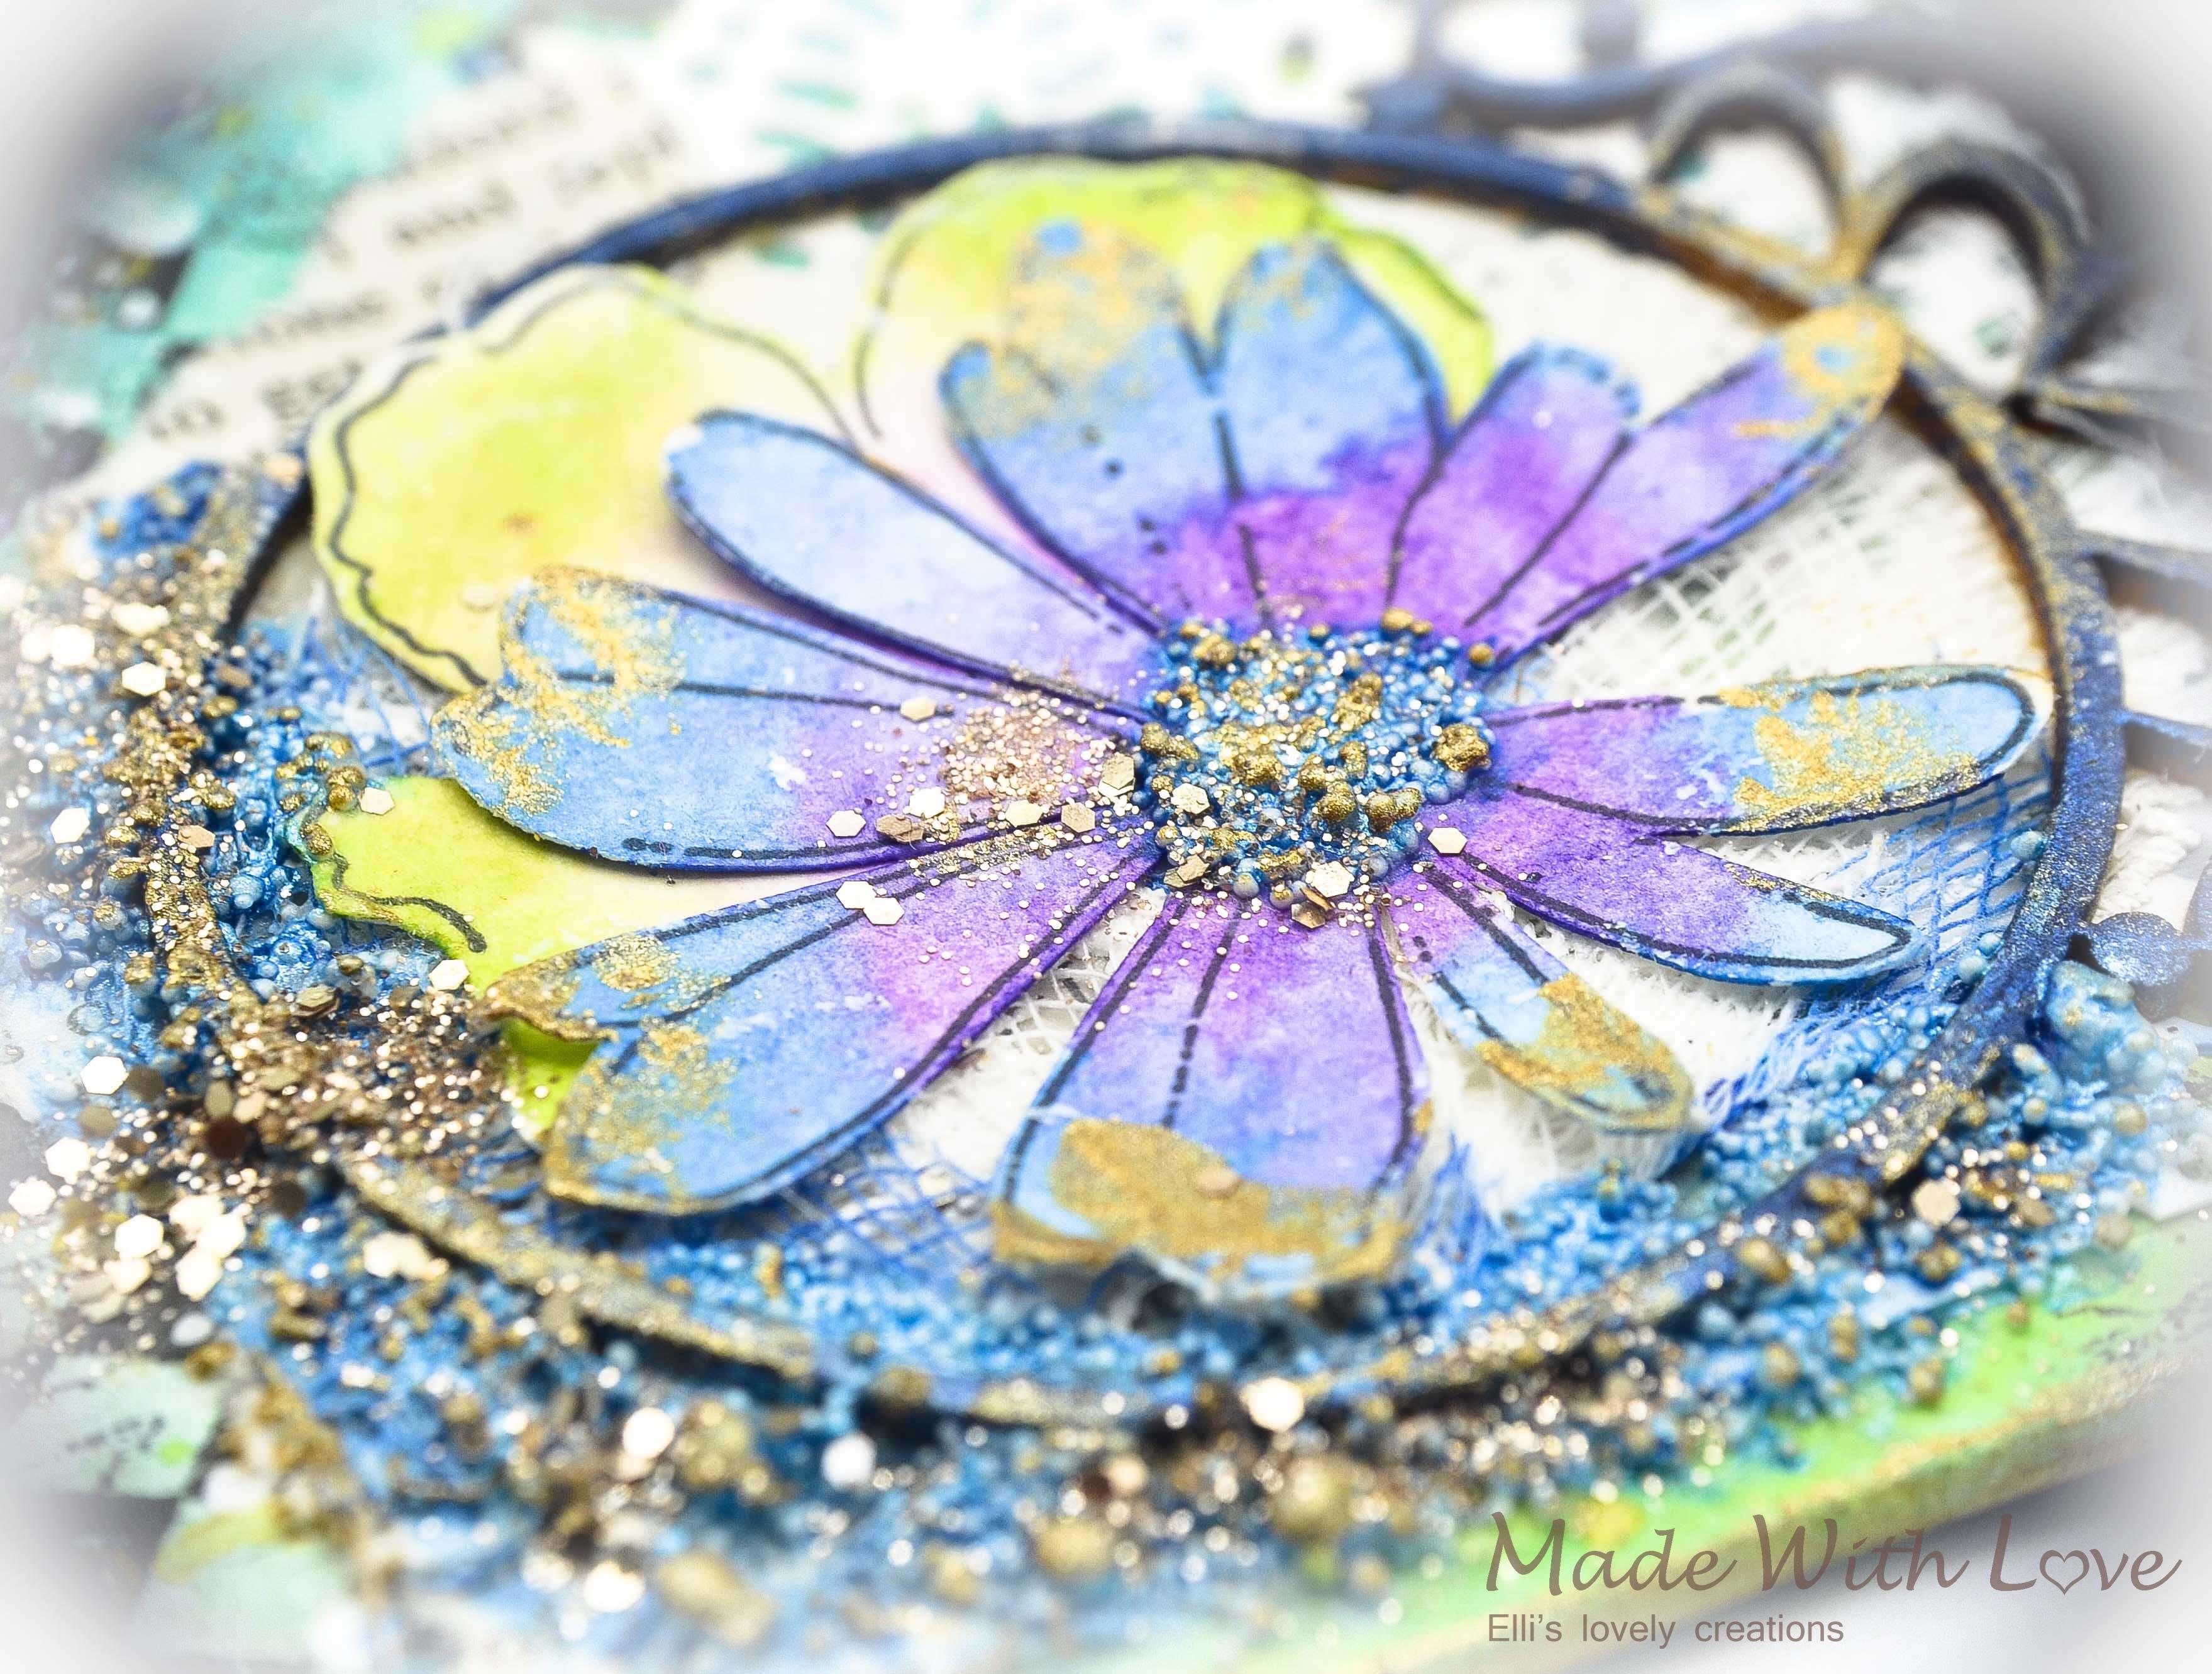 Mixed Media Summer Garden Wedding Album Cover Enjoy 0043